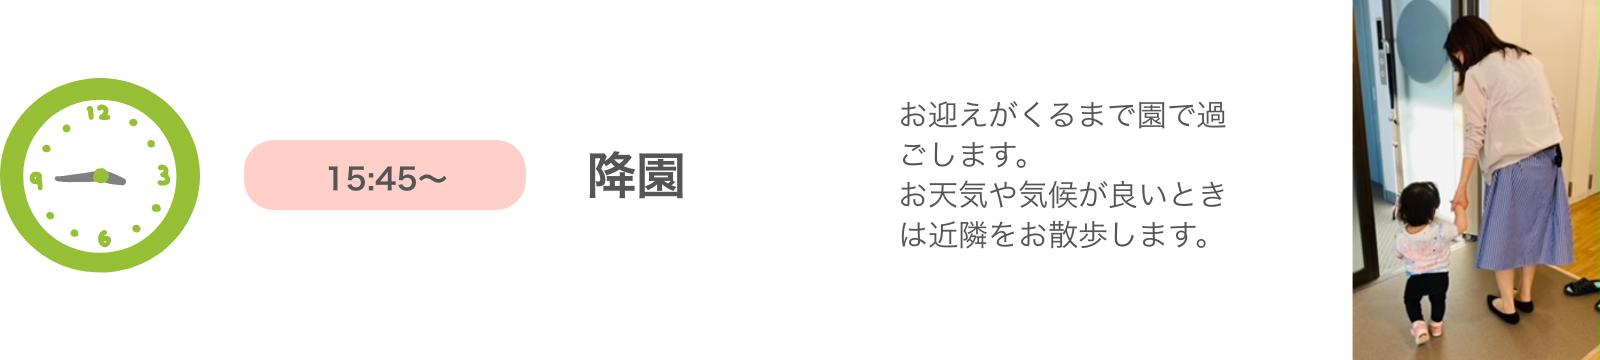 15:45〜 降園